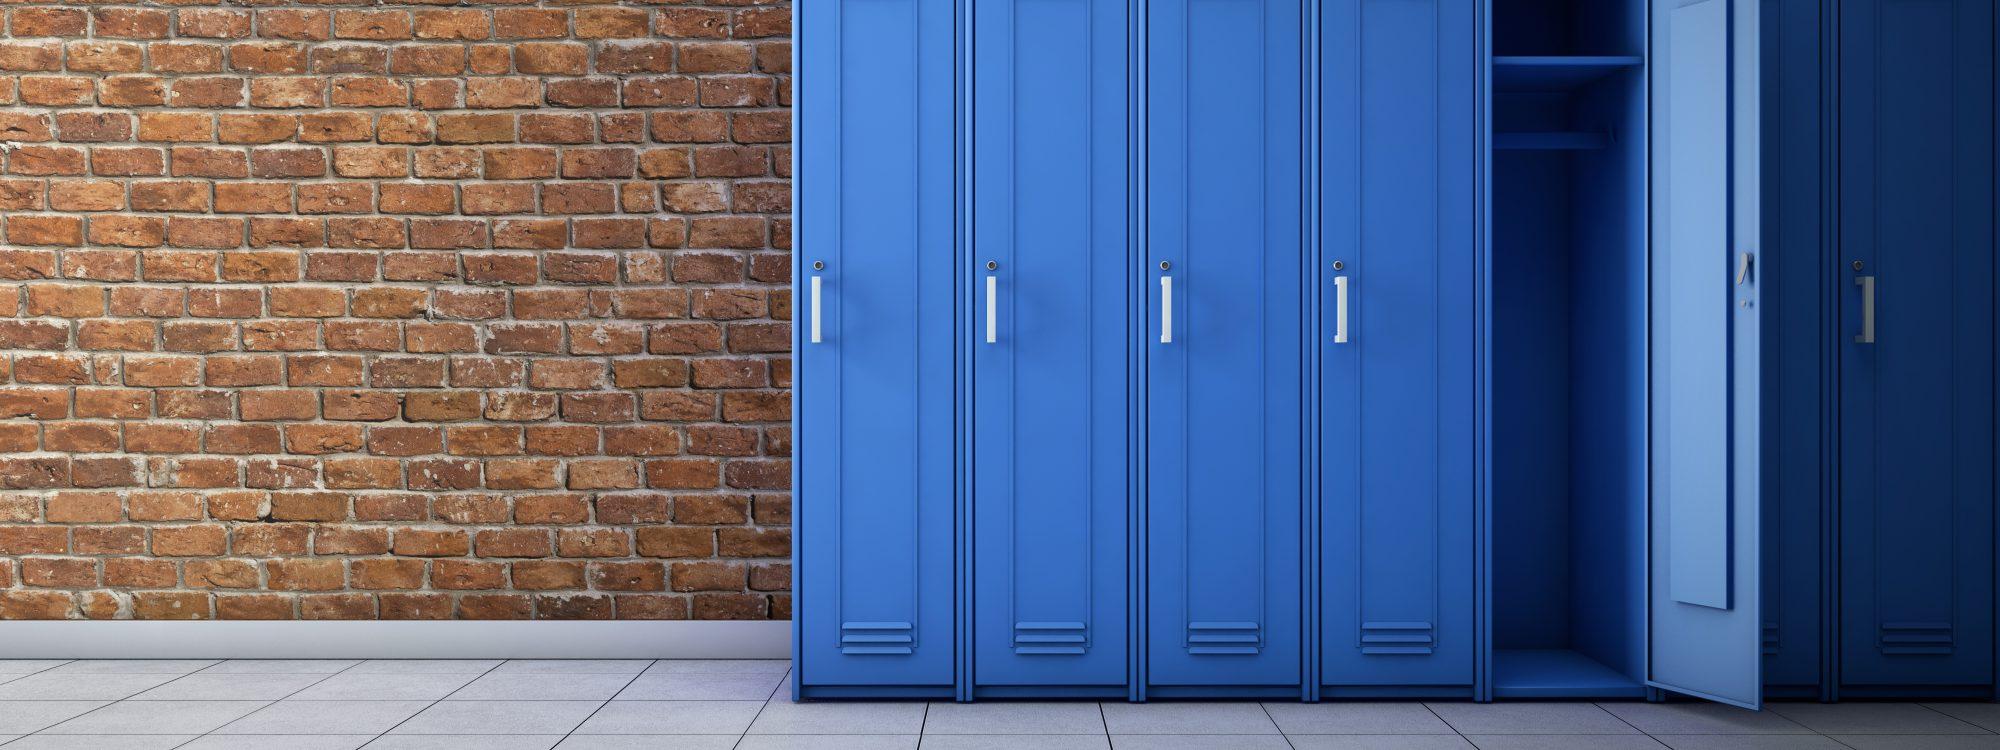 Bay of Blue School Lockers